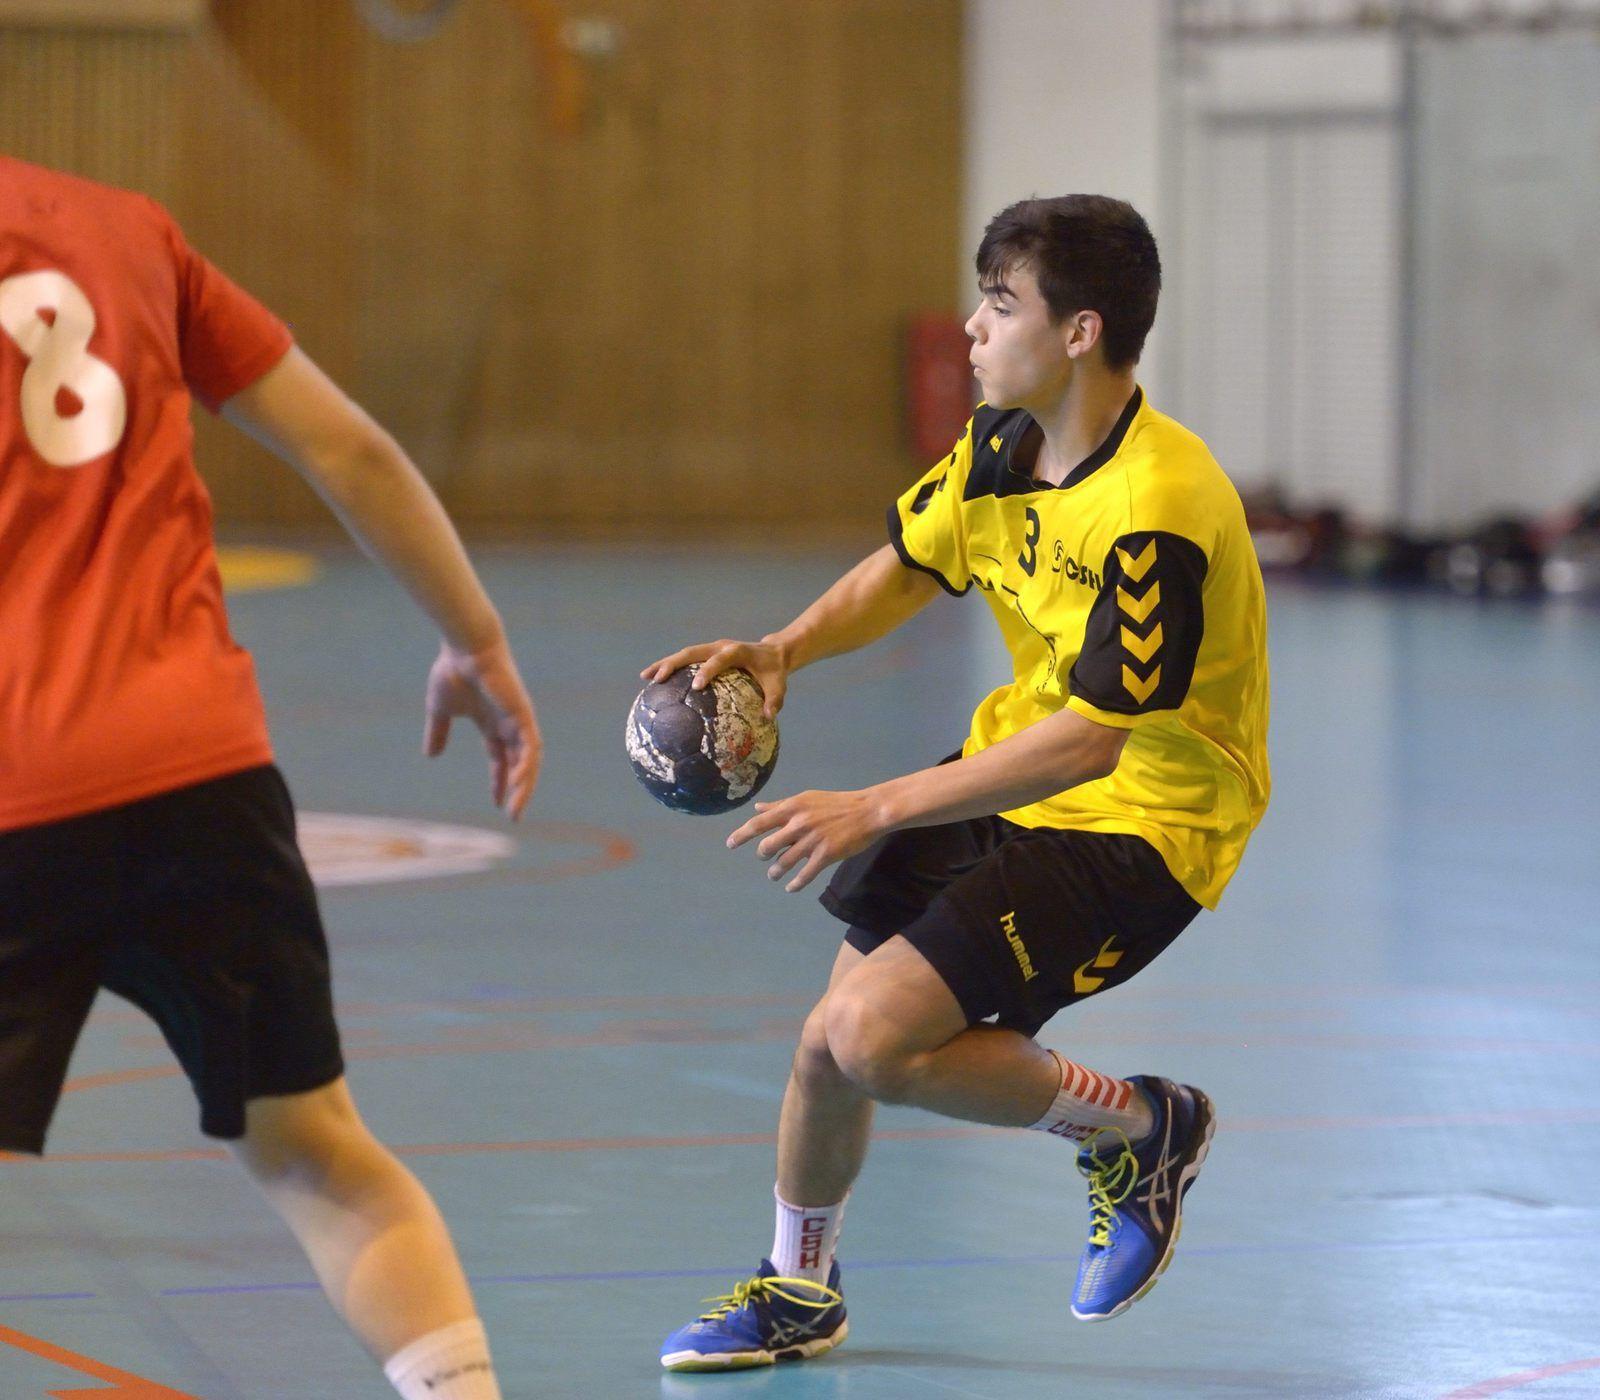 - 18 la victoire contre Valence s'est jouée en 2e mi-temps